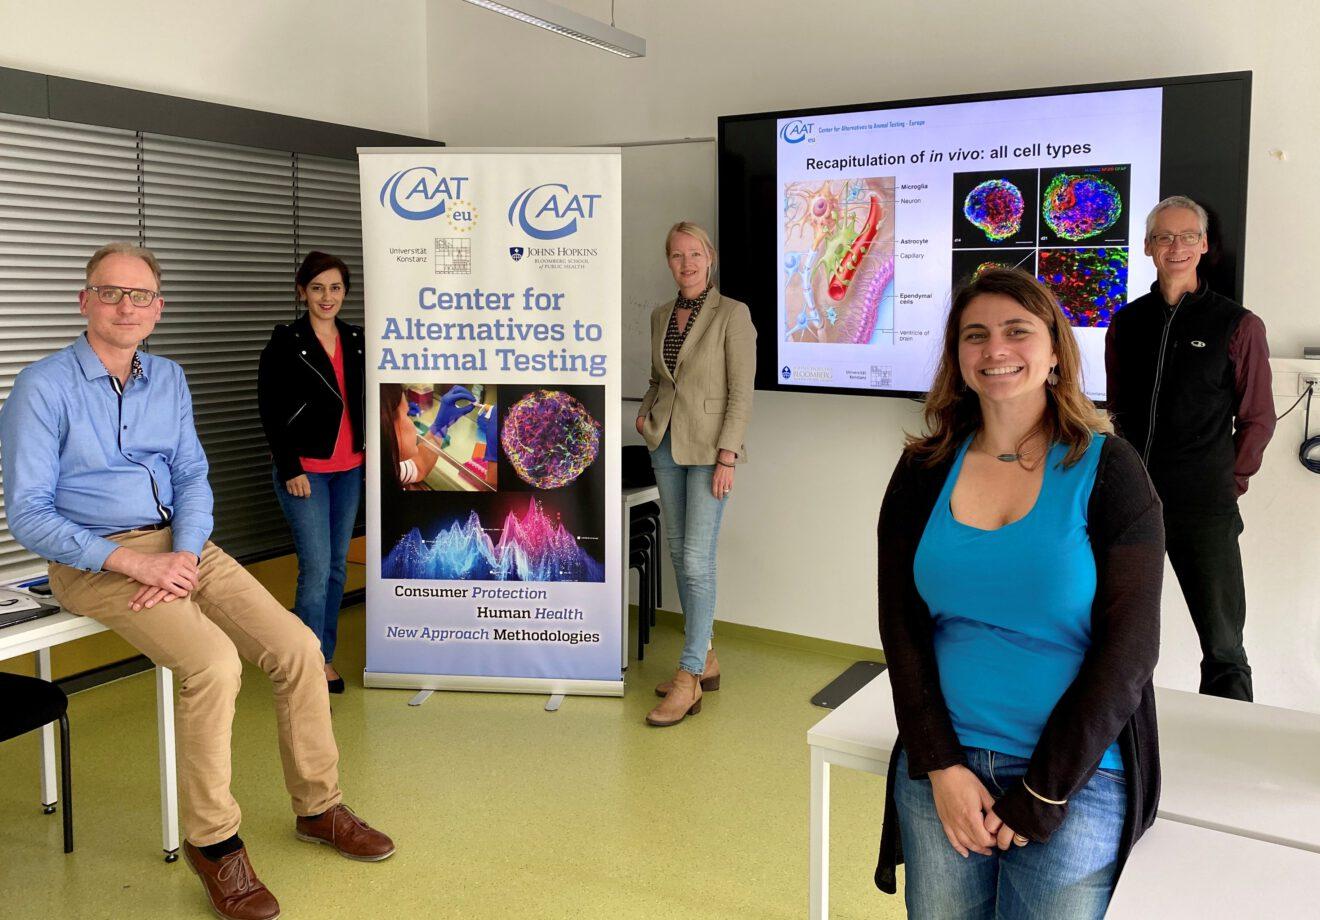 Grüne Landtagsabgeordnete Thekla Walker und Nese Erikli zu Besuch am CAAT Europe in Konstanz